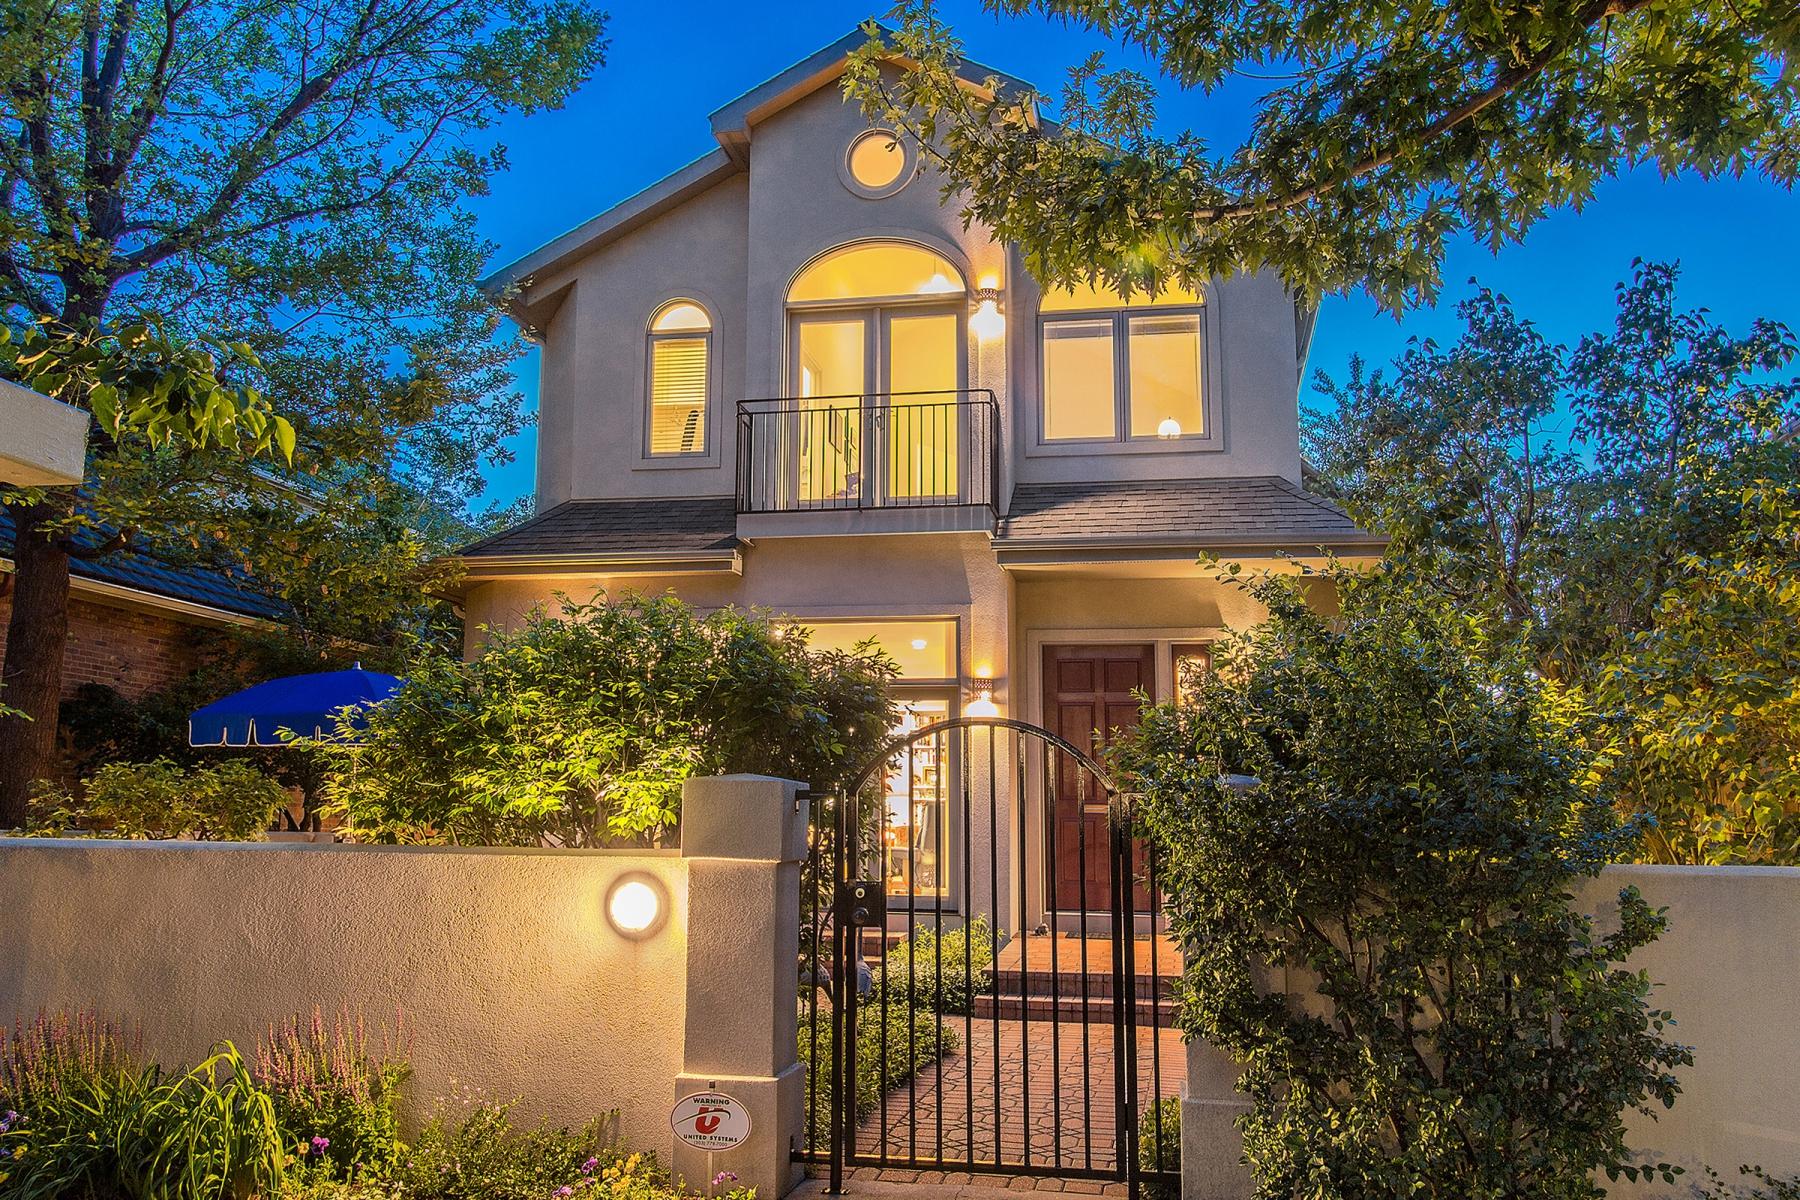 Maison unifamiliale pour l Vente à Enchanting Two-Story in the Heart of Cherry Creek 315 Adams Street Denver, Colorado 80206 États-Unis